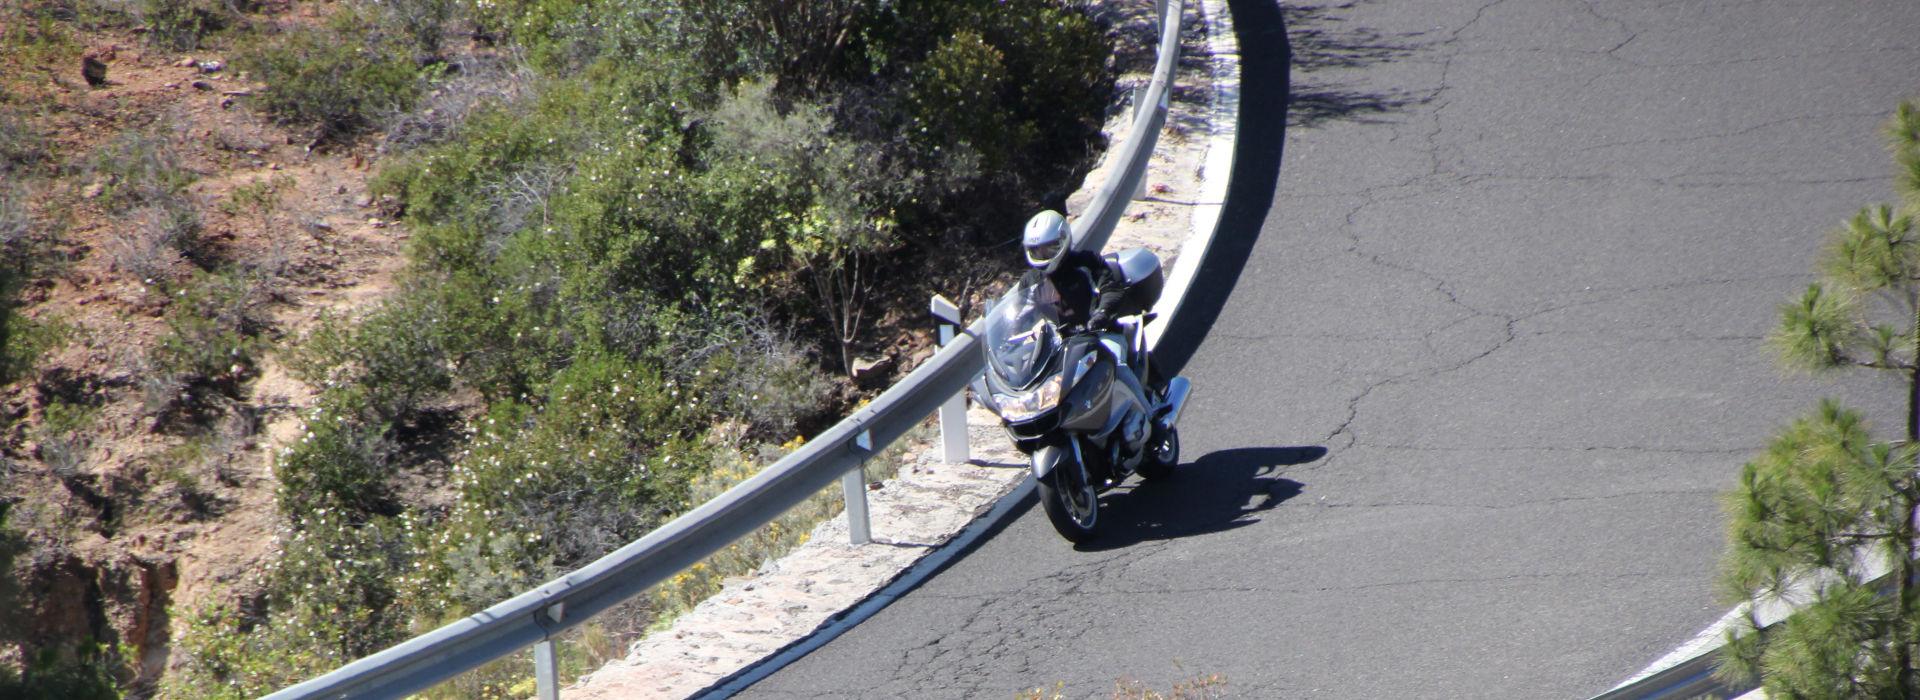 Motorrijbewijspoint Overasselt motorrijlessen